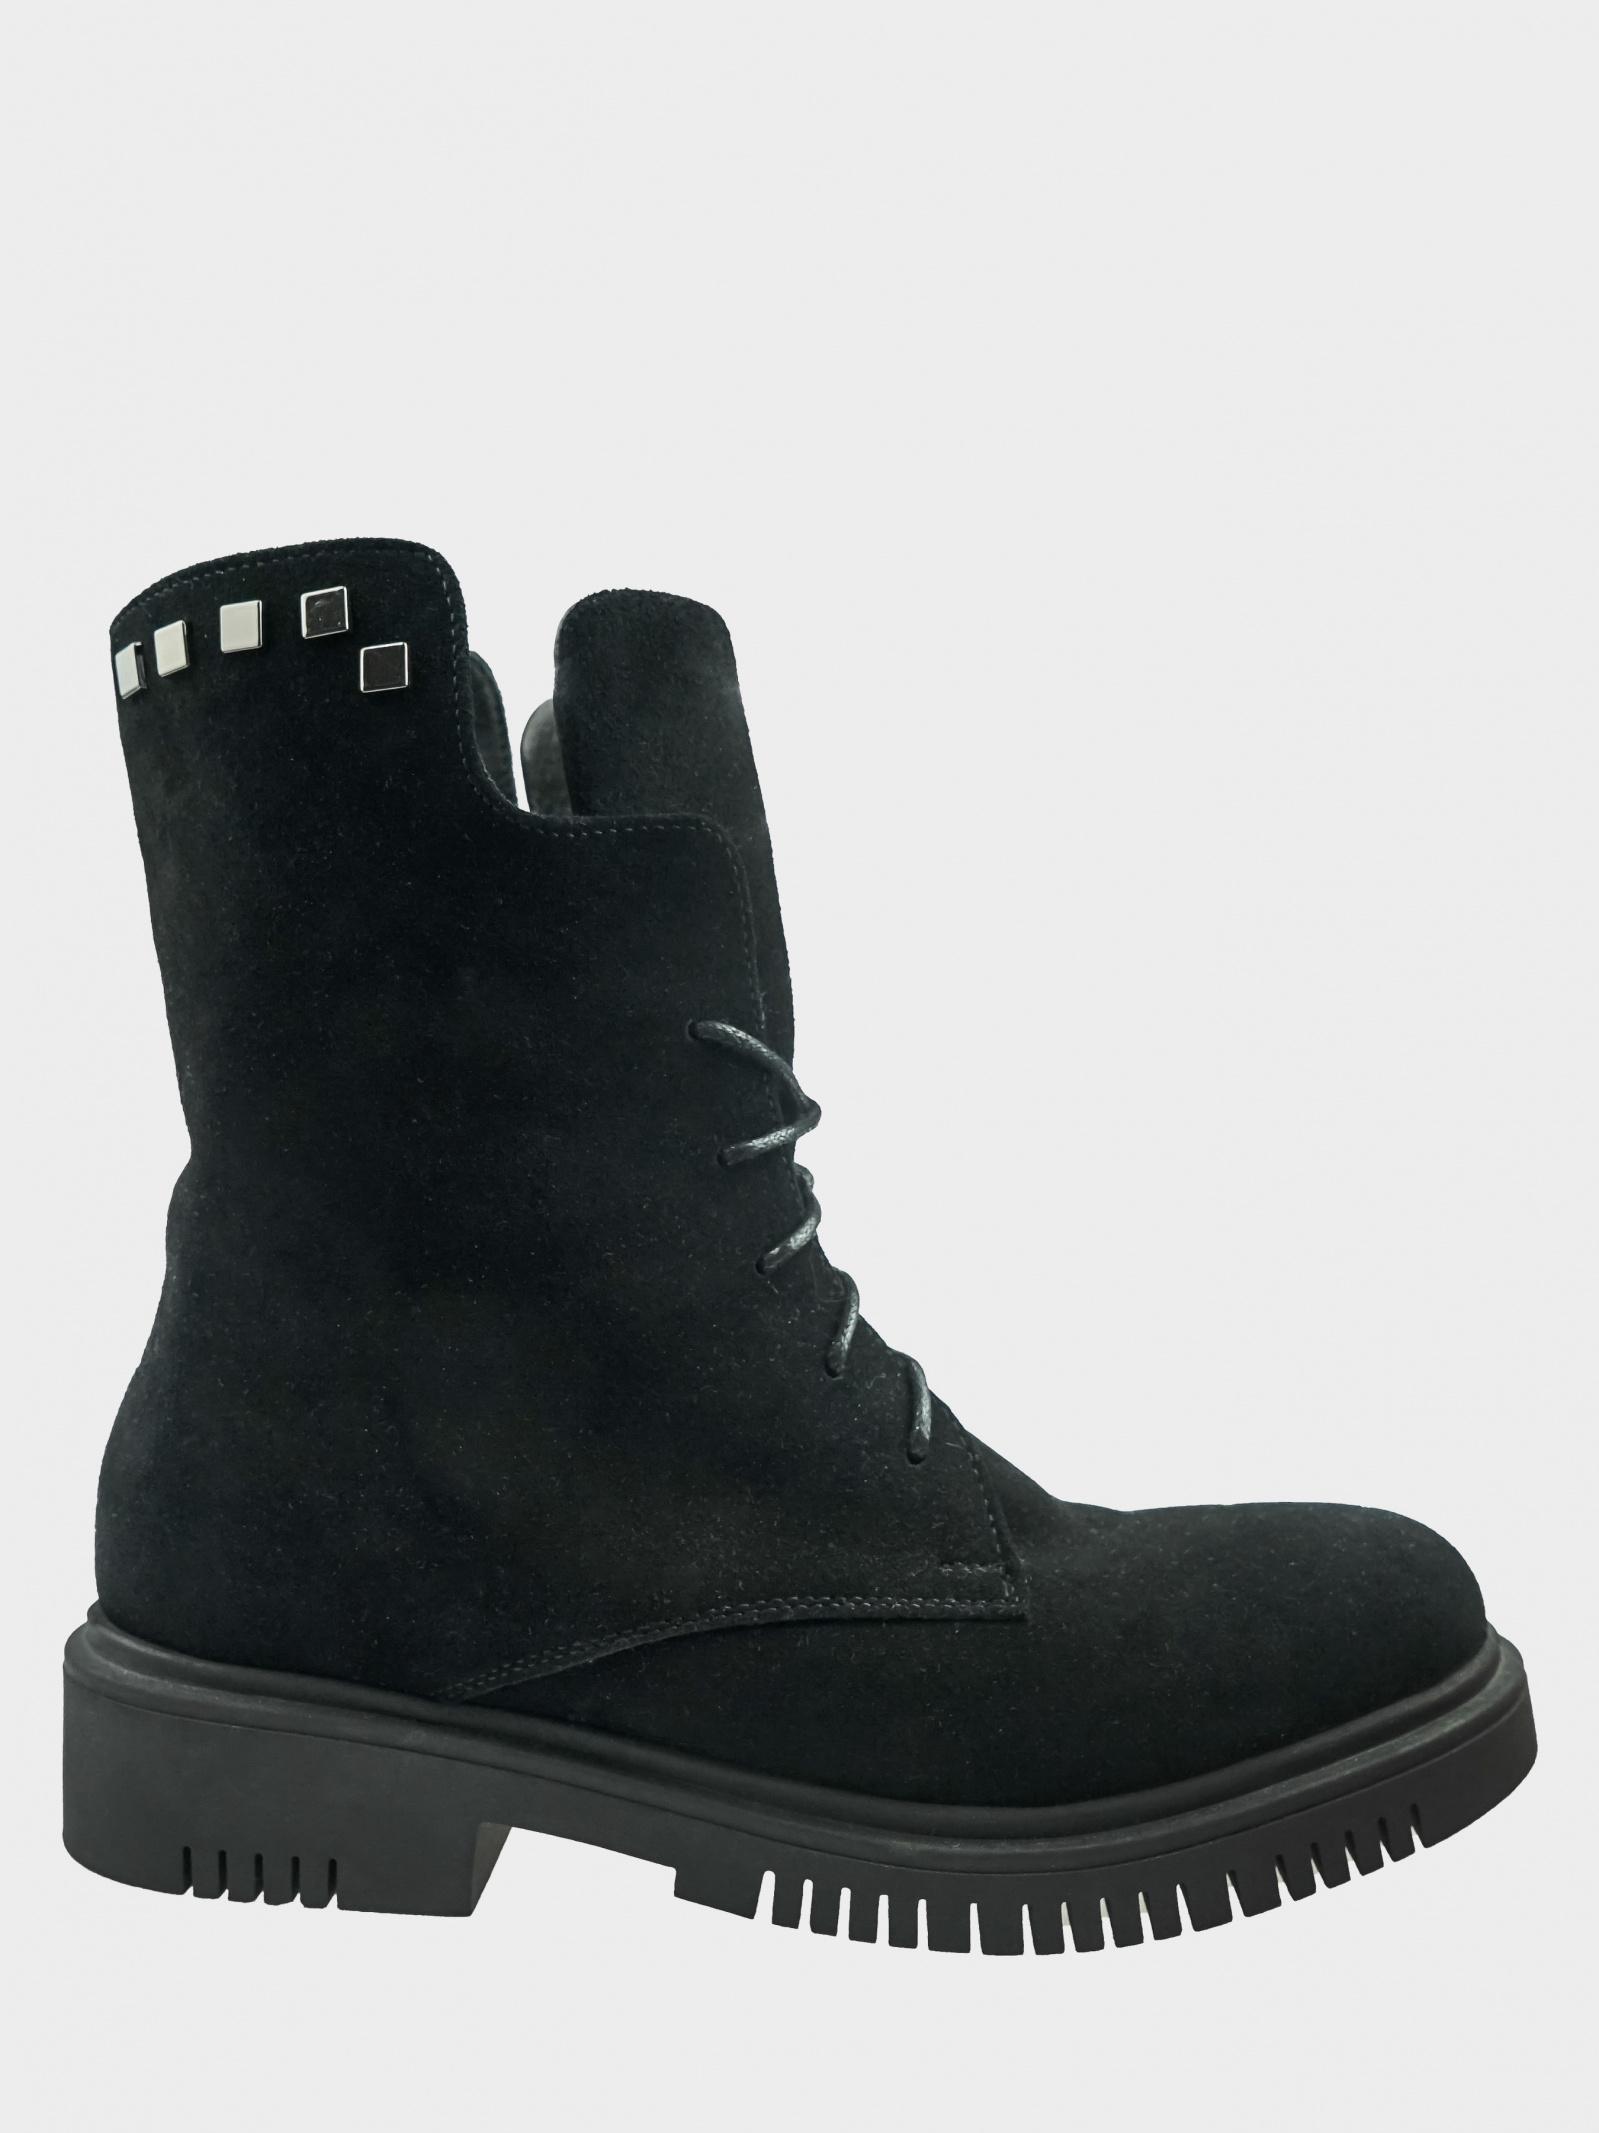 Ботинки женские Ботинки LZ6318-21 размерная сетка обуви, 2017